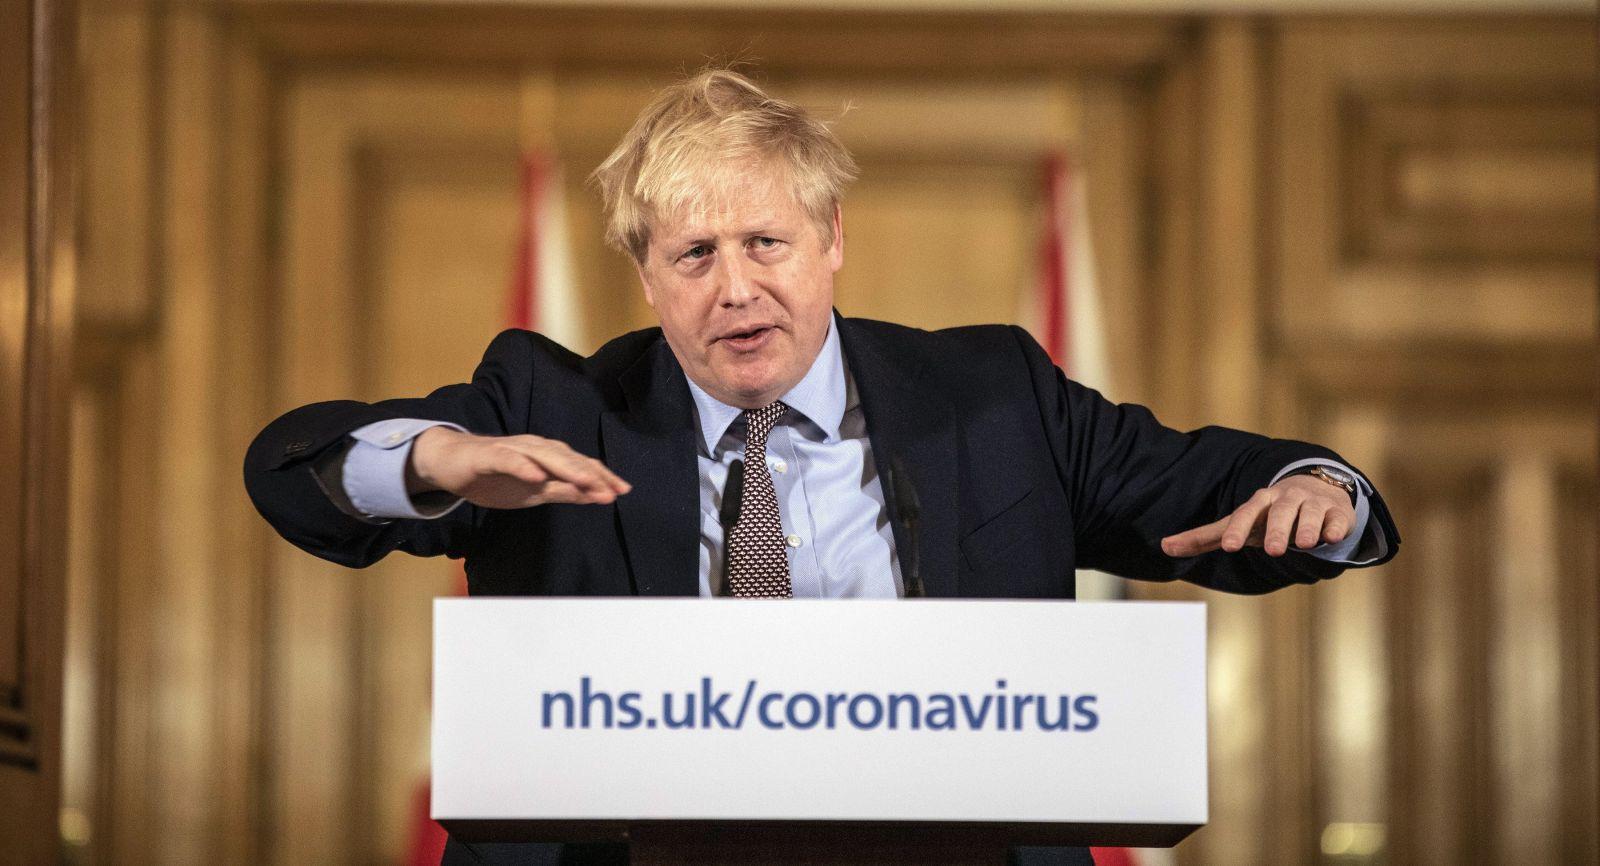 Briti menia stratégiu boja s koronavírusom. Uvedomili si, že by to spôsobilo stovky tisíc mŕtvych